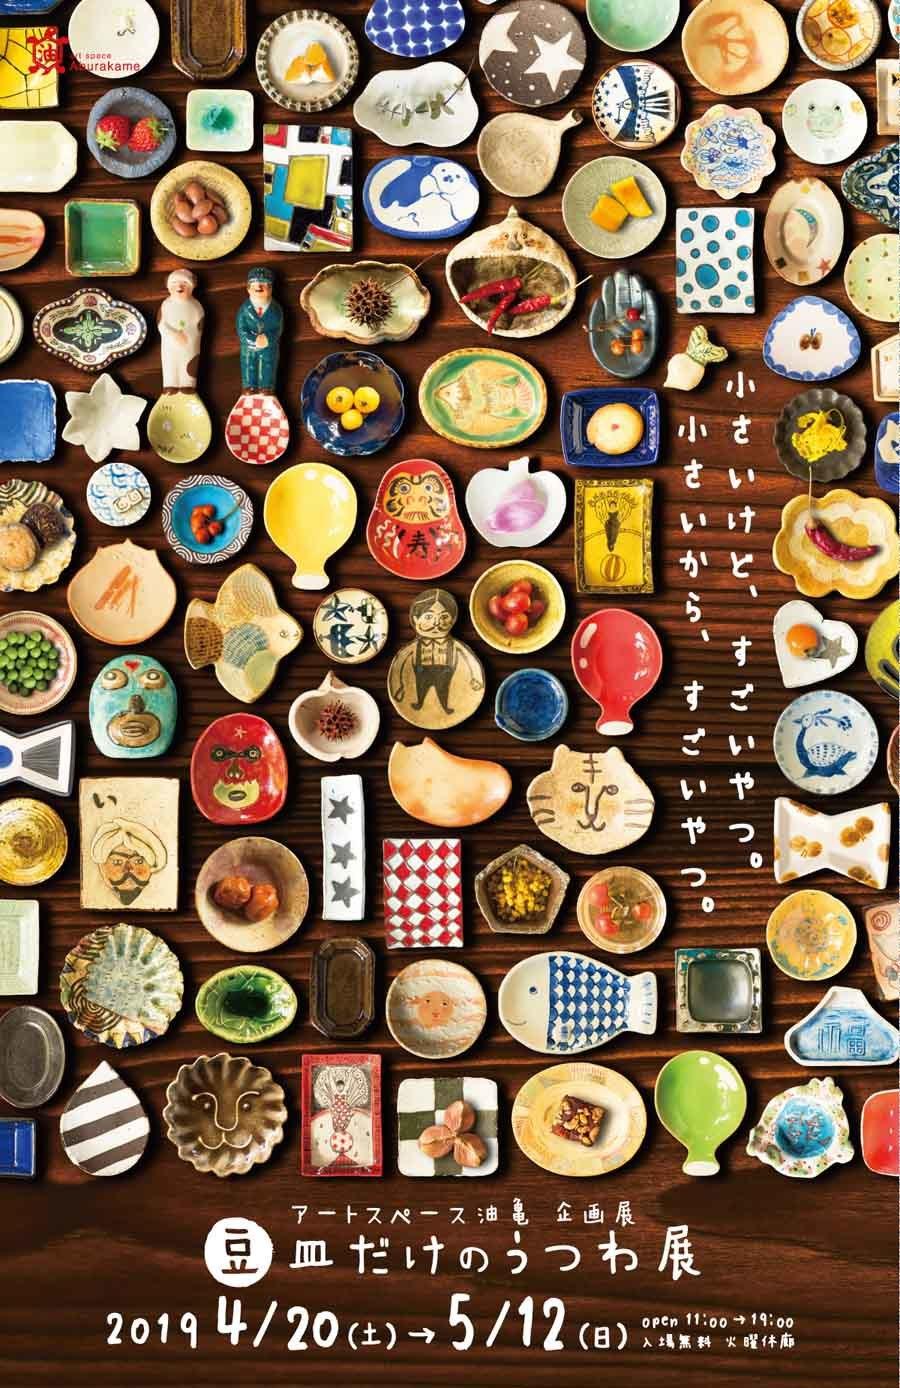 豆皿だけのうつわ展_b0148849_10205428.jpg